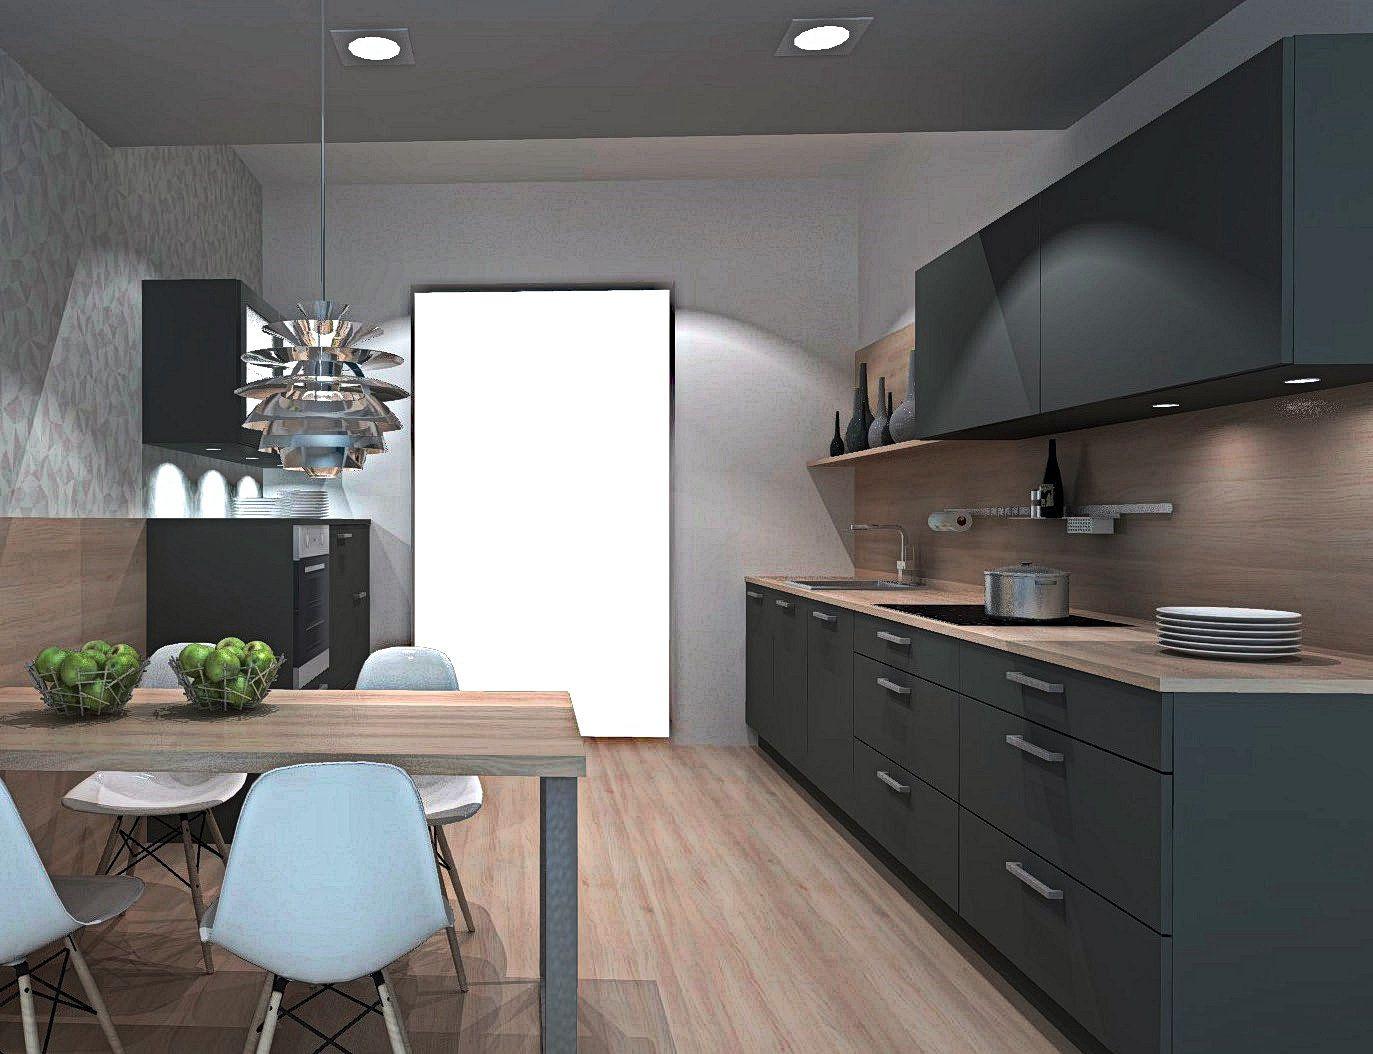 Nolte Küche Lackfront Grau Nolte Küchen bis zu 70  ...